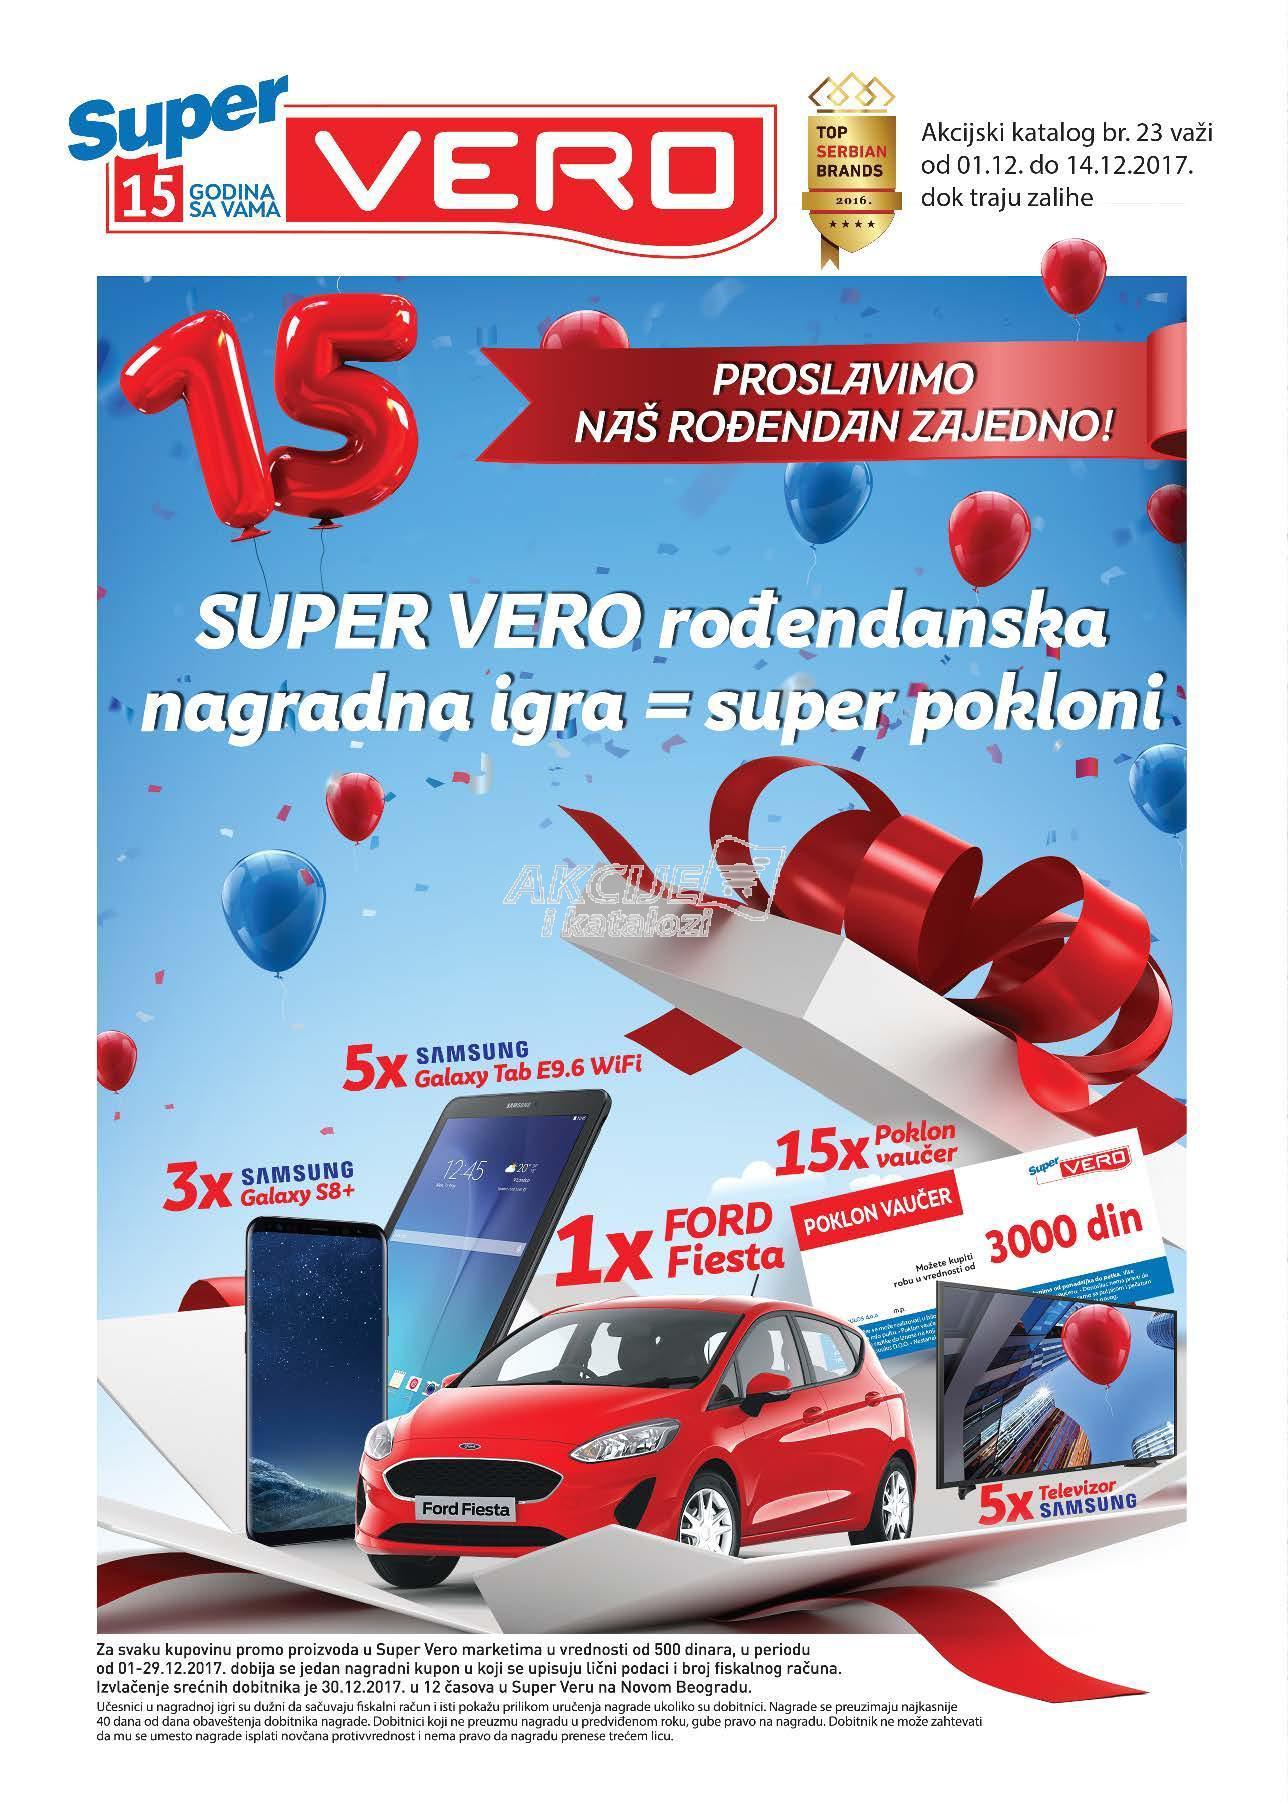 Super Vero - Redovna akcija odlične kupovine